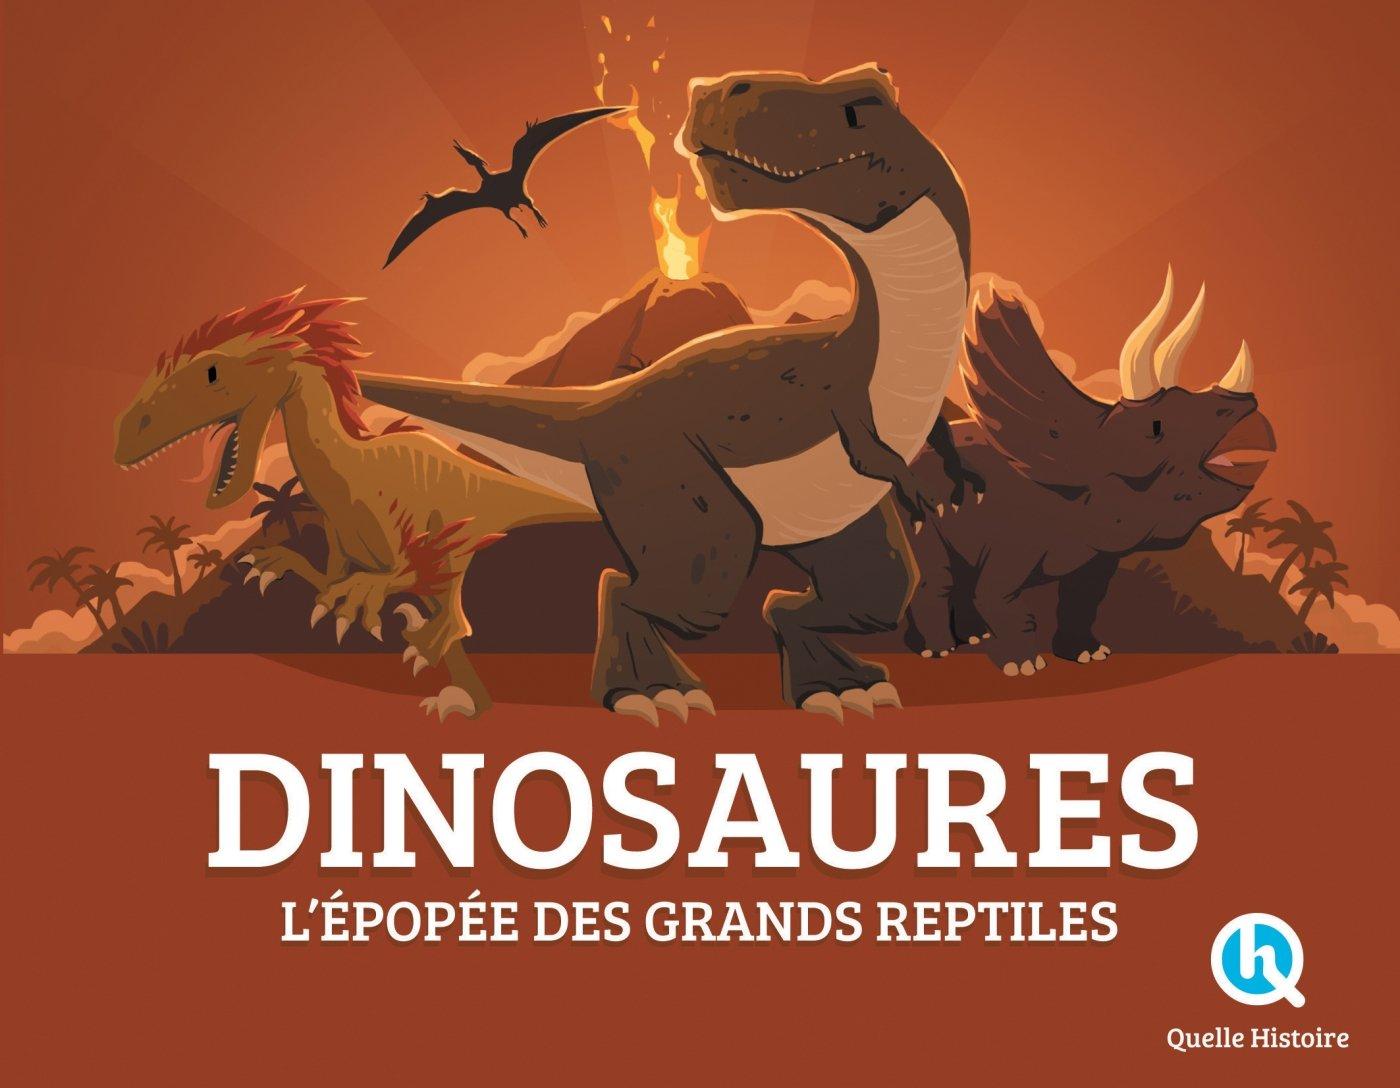 Dinosaures Album – 1 janvier 2017 Clémentine V. Baron Bruno Wennagel Mathieu Ferret Quelle Histoire Editions